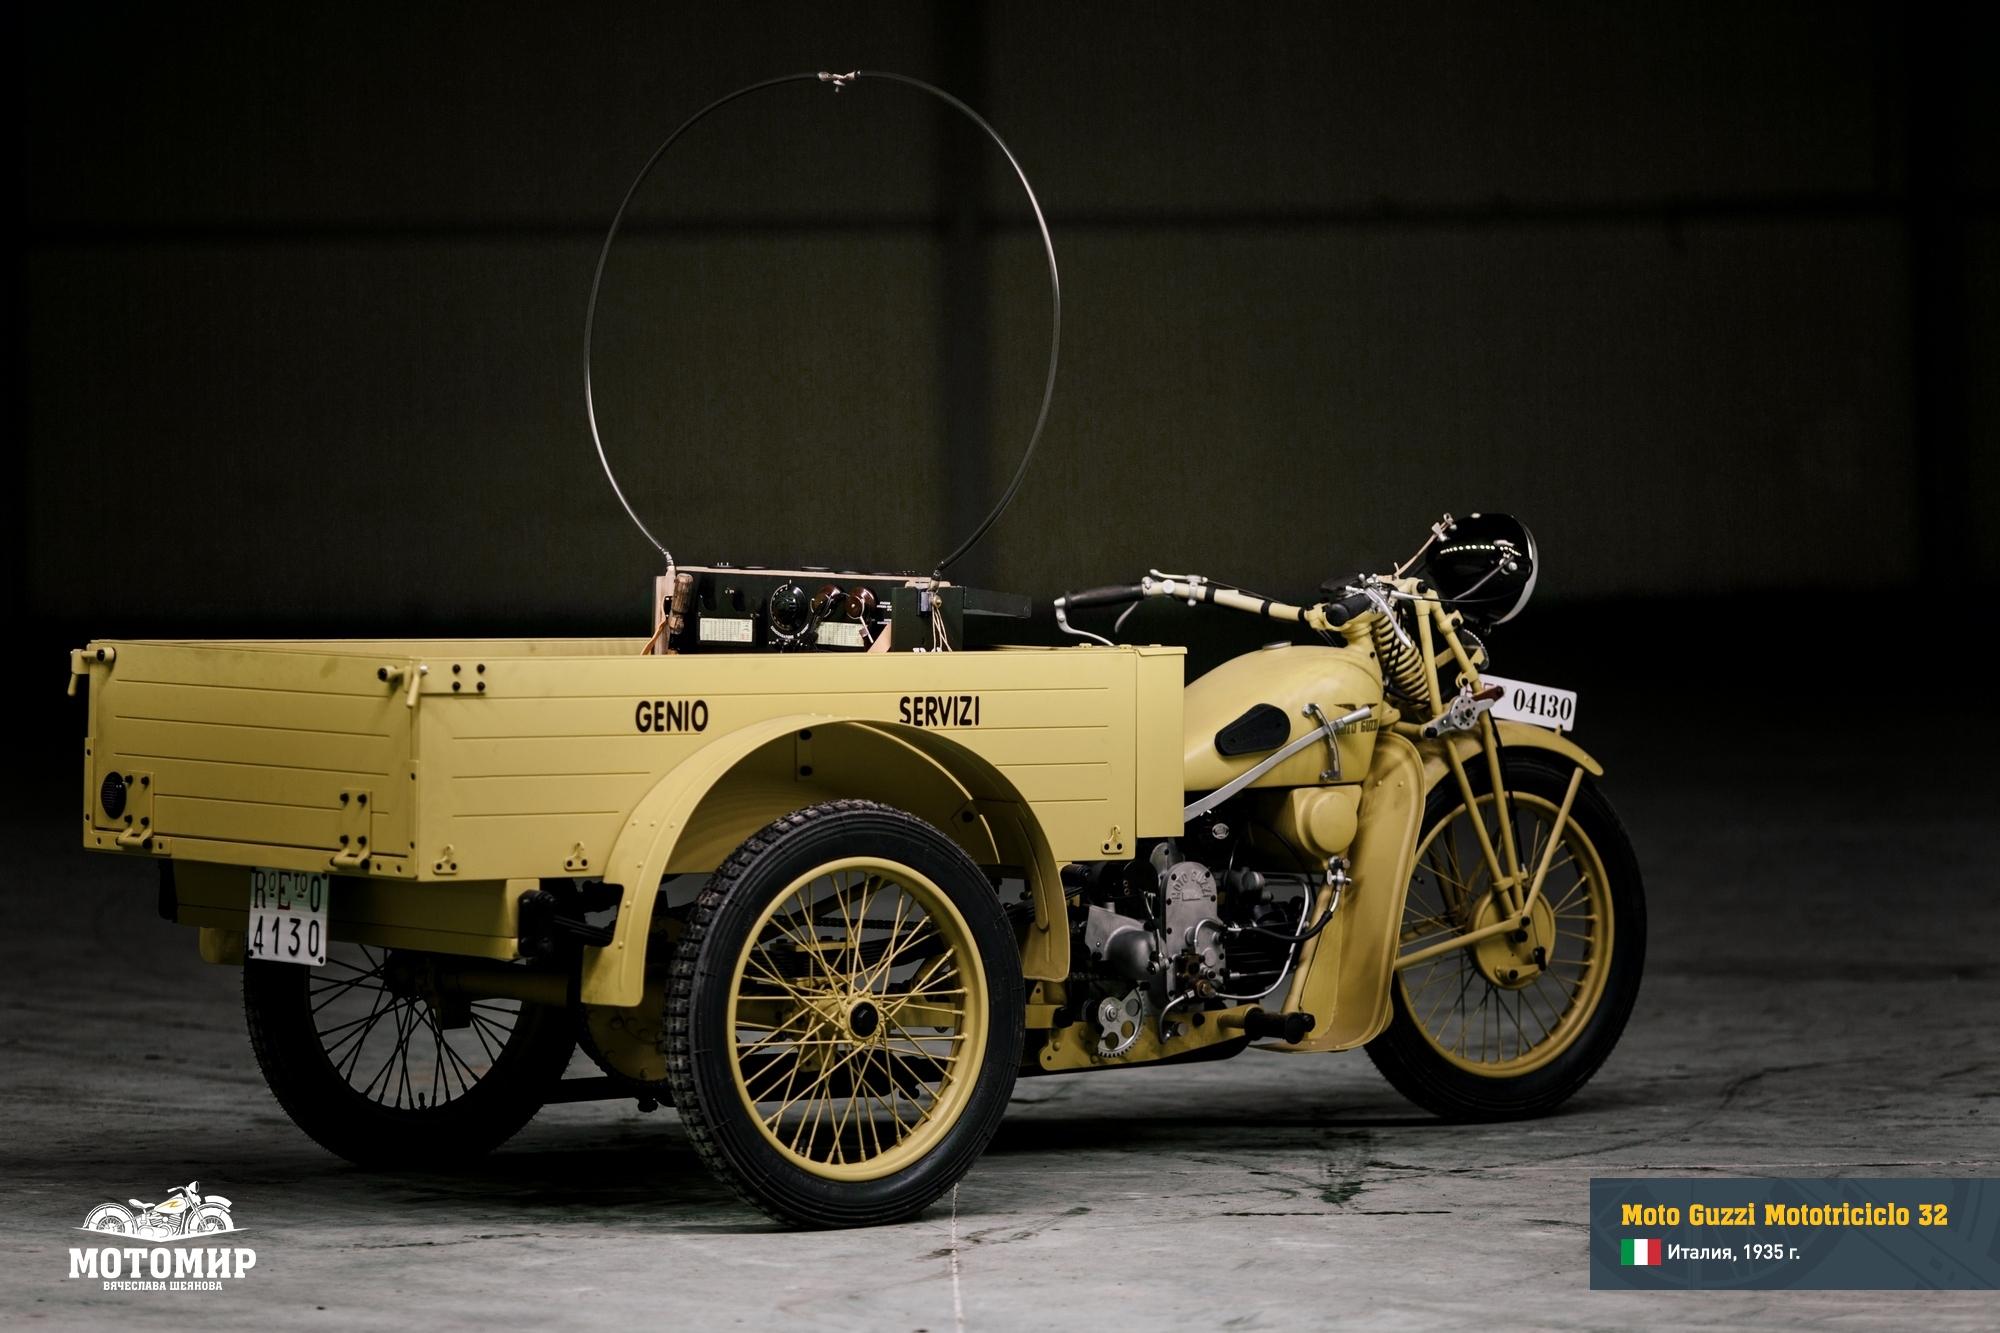 moto-guzzi-mototriciclo-32-web-06